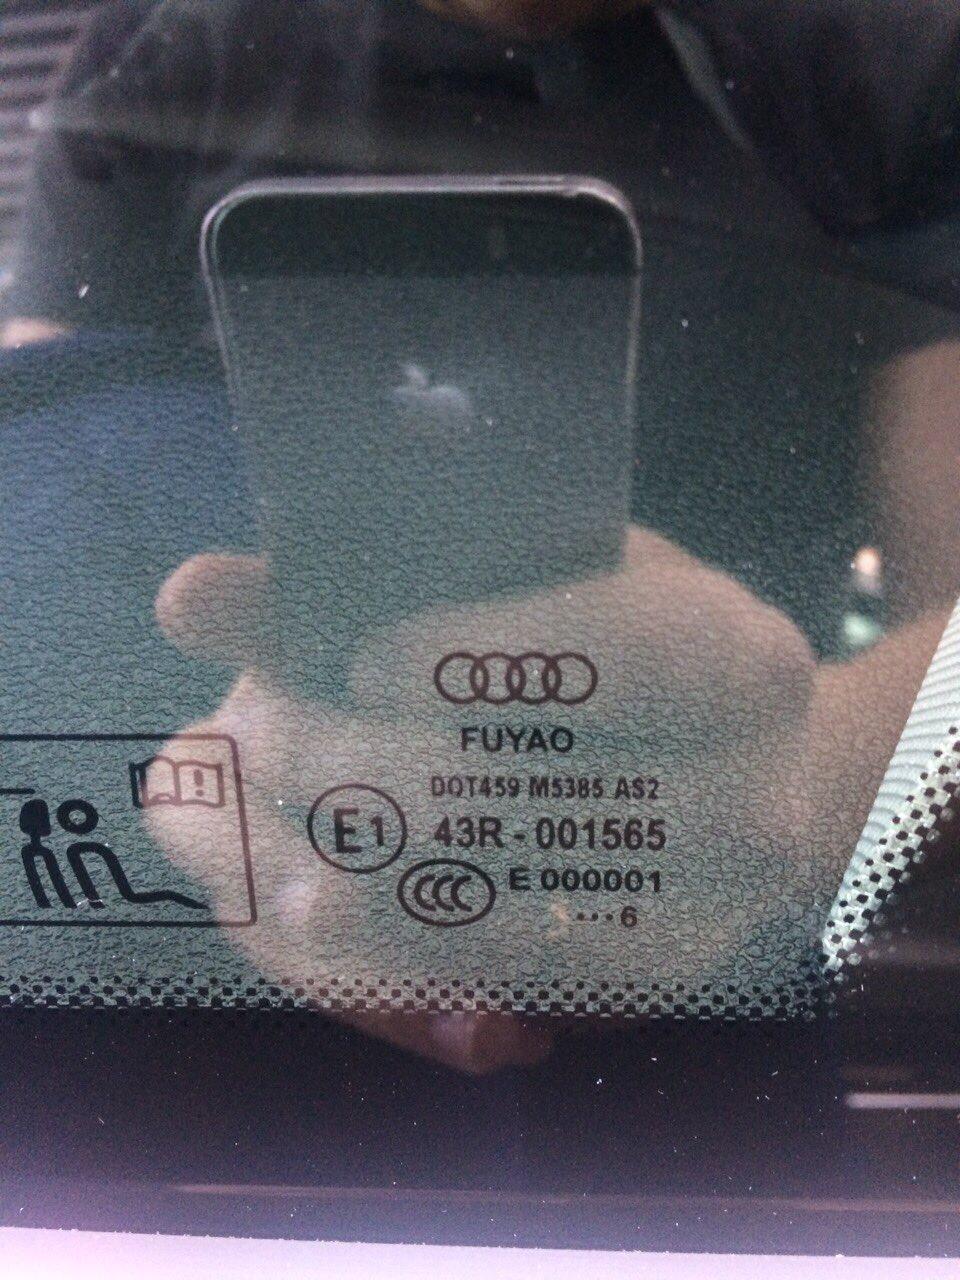 Стекло FUYAO на новом автомобиле Ауди